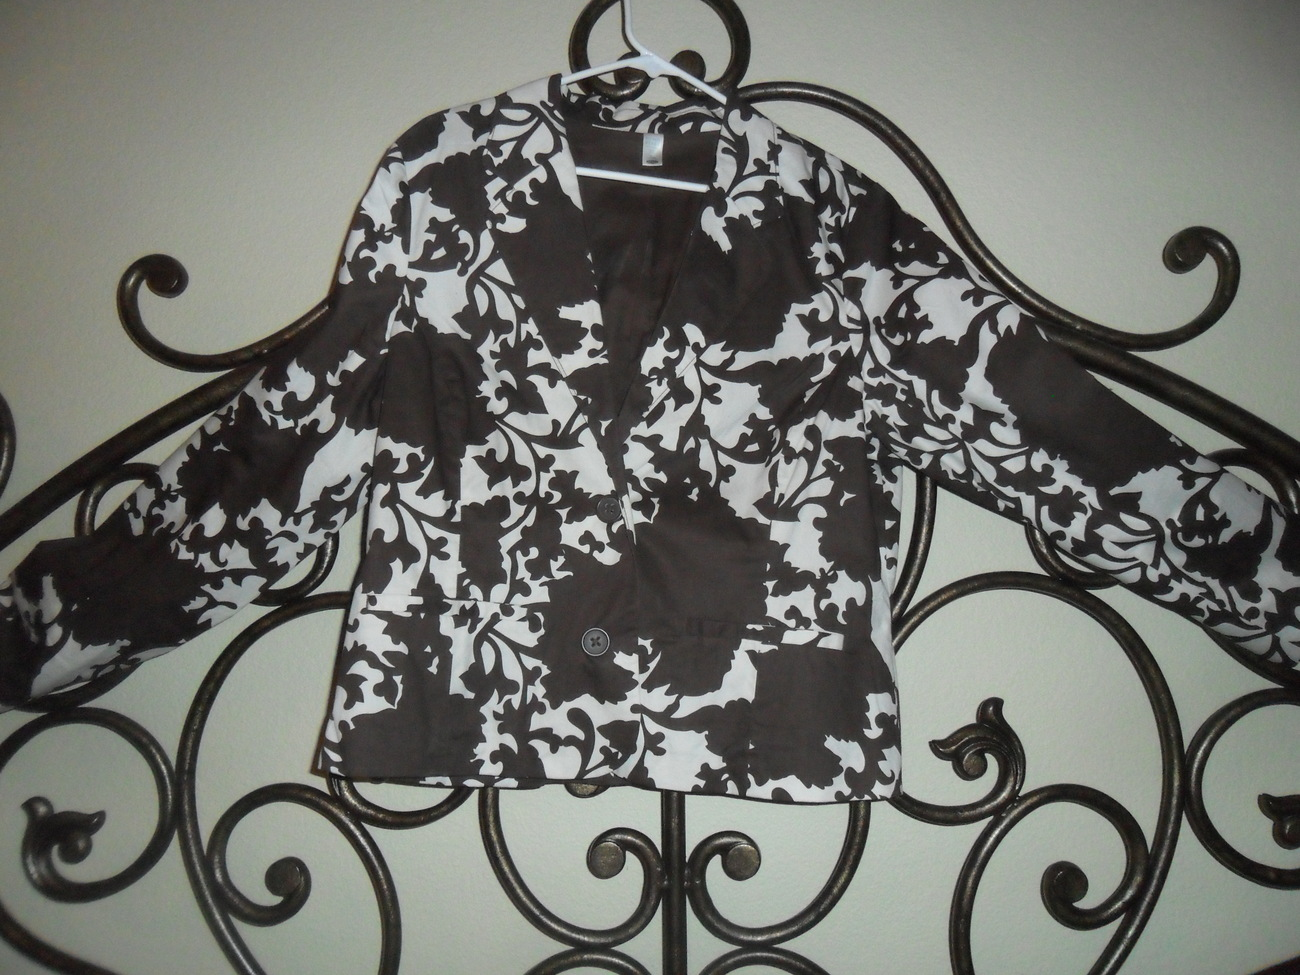 Old Navy Dark Brown and White Cotton Blazer Jacket